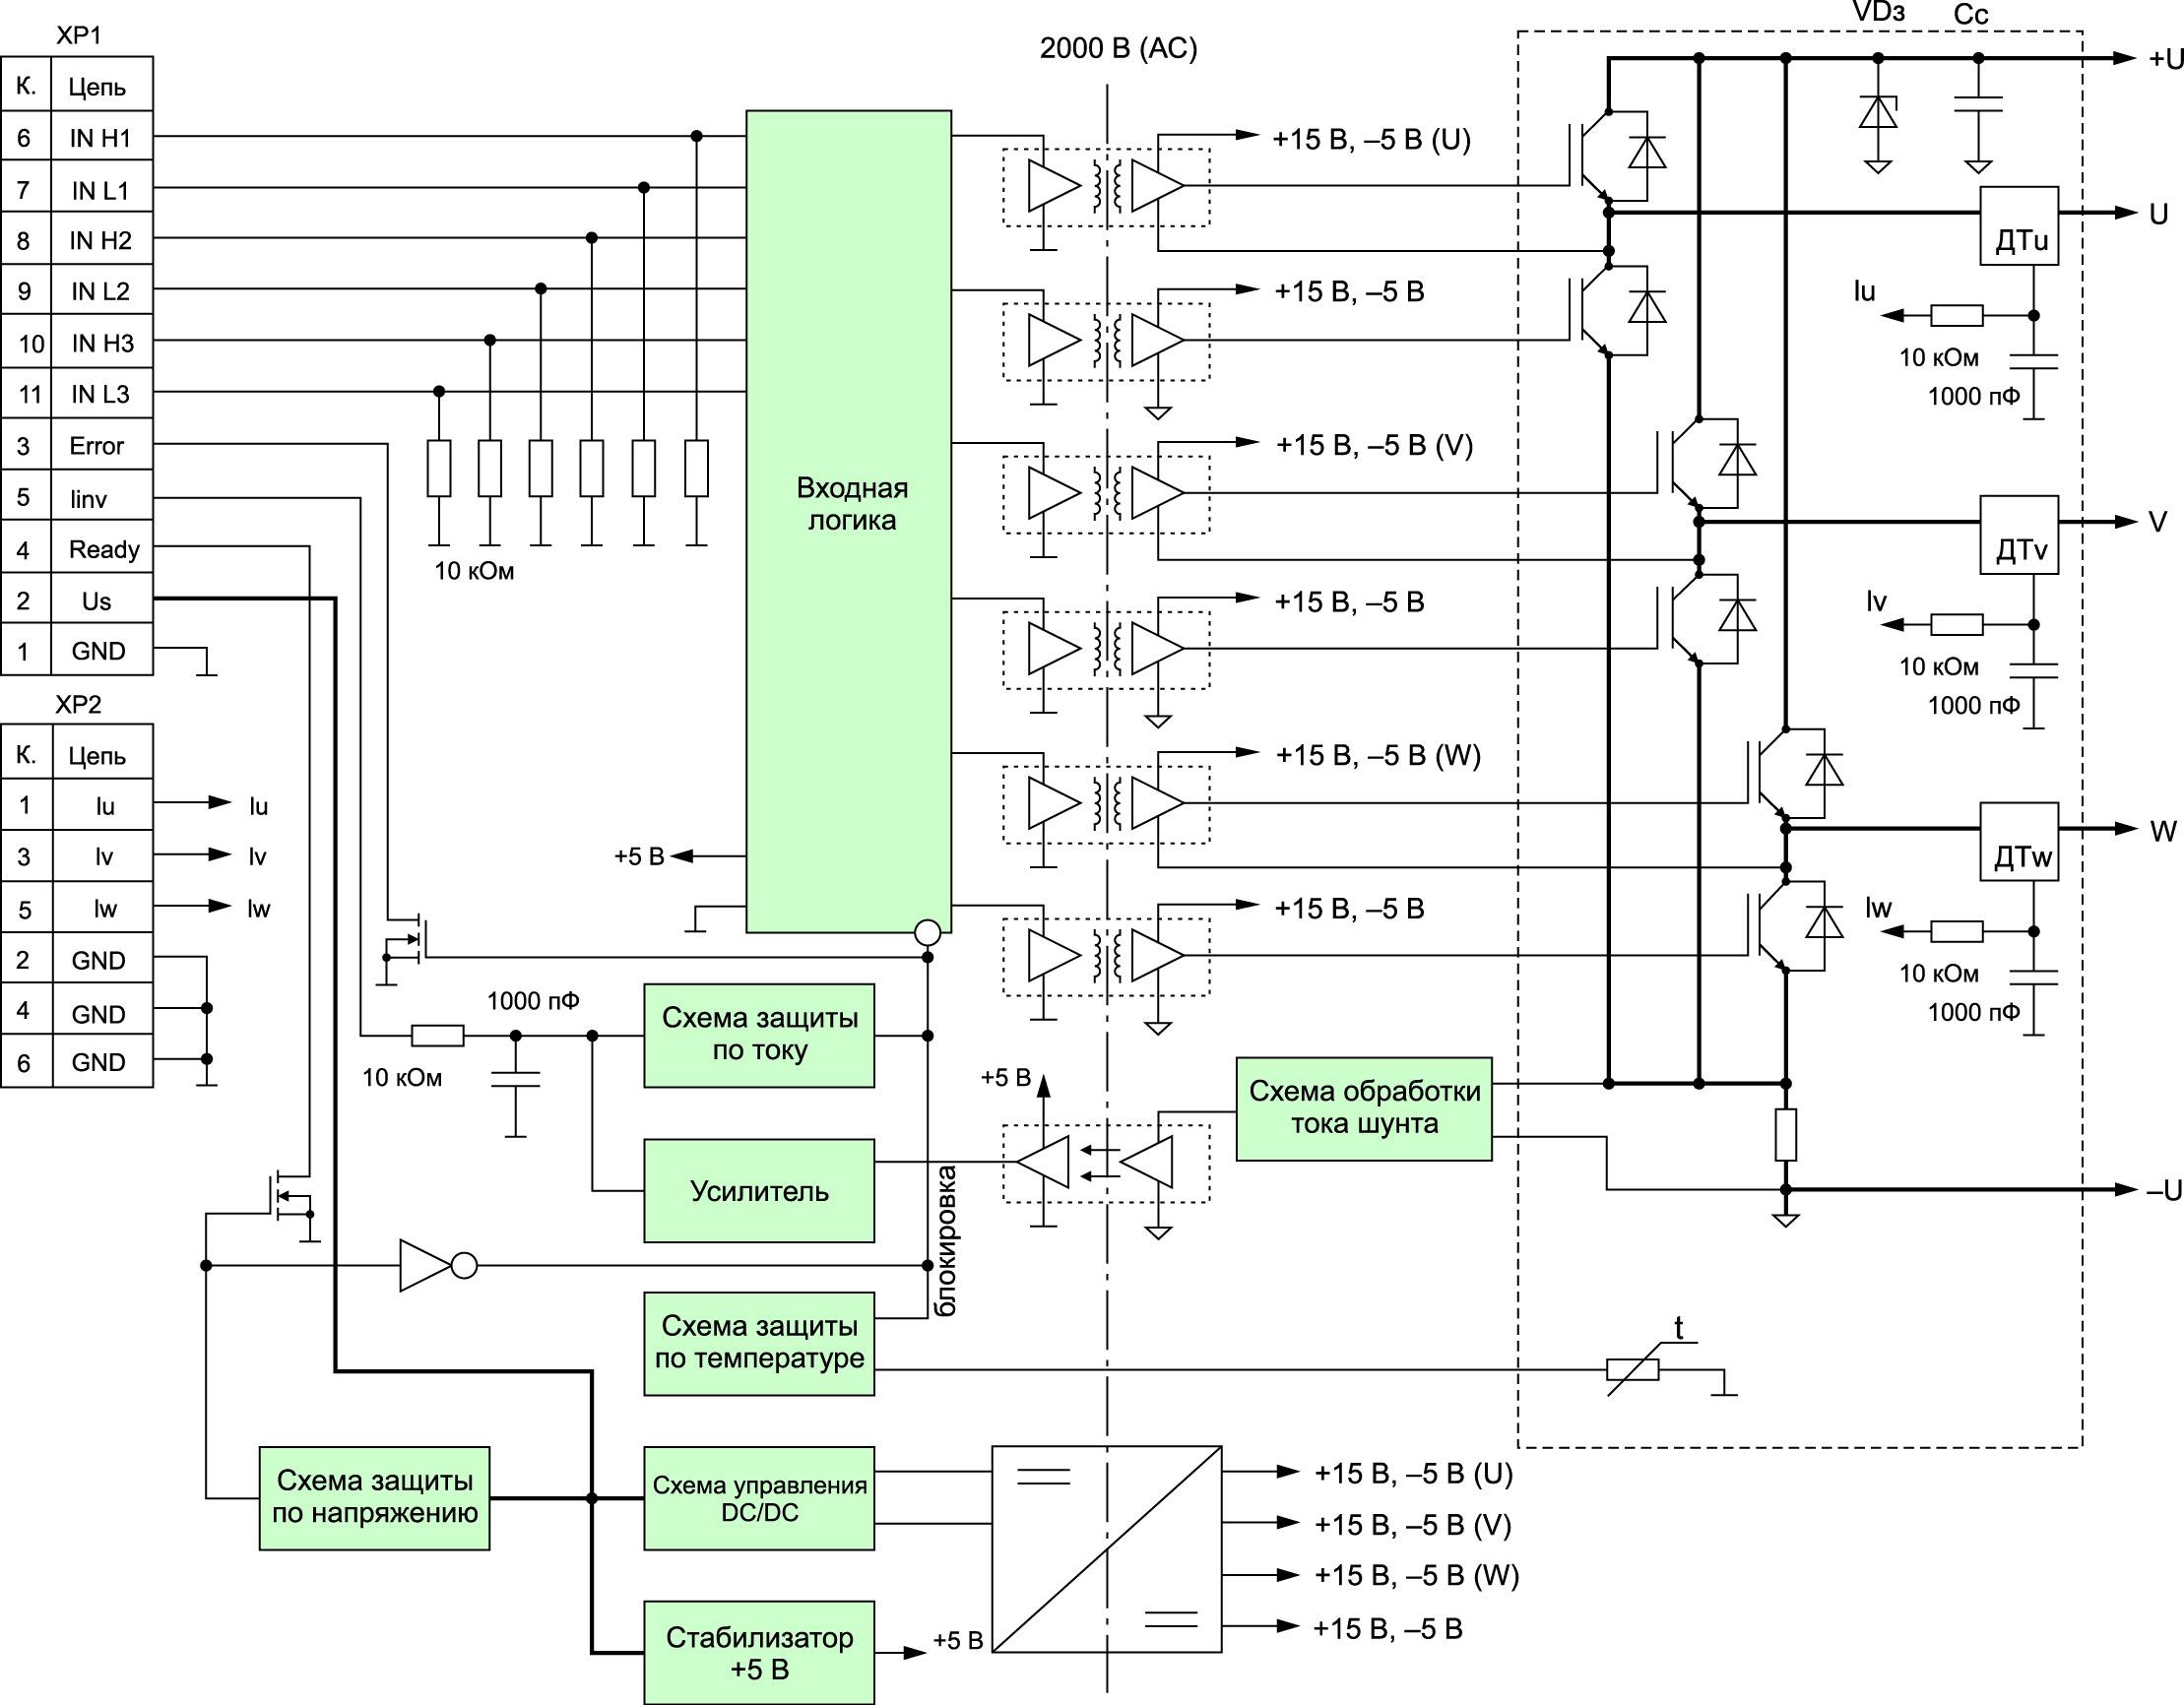 Структурная схема М32 (конструктив ДМ)